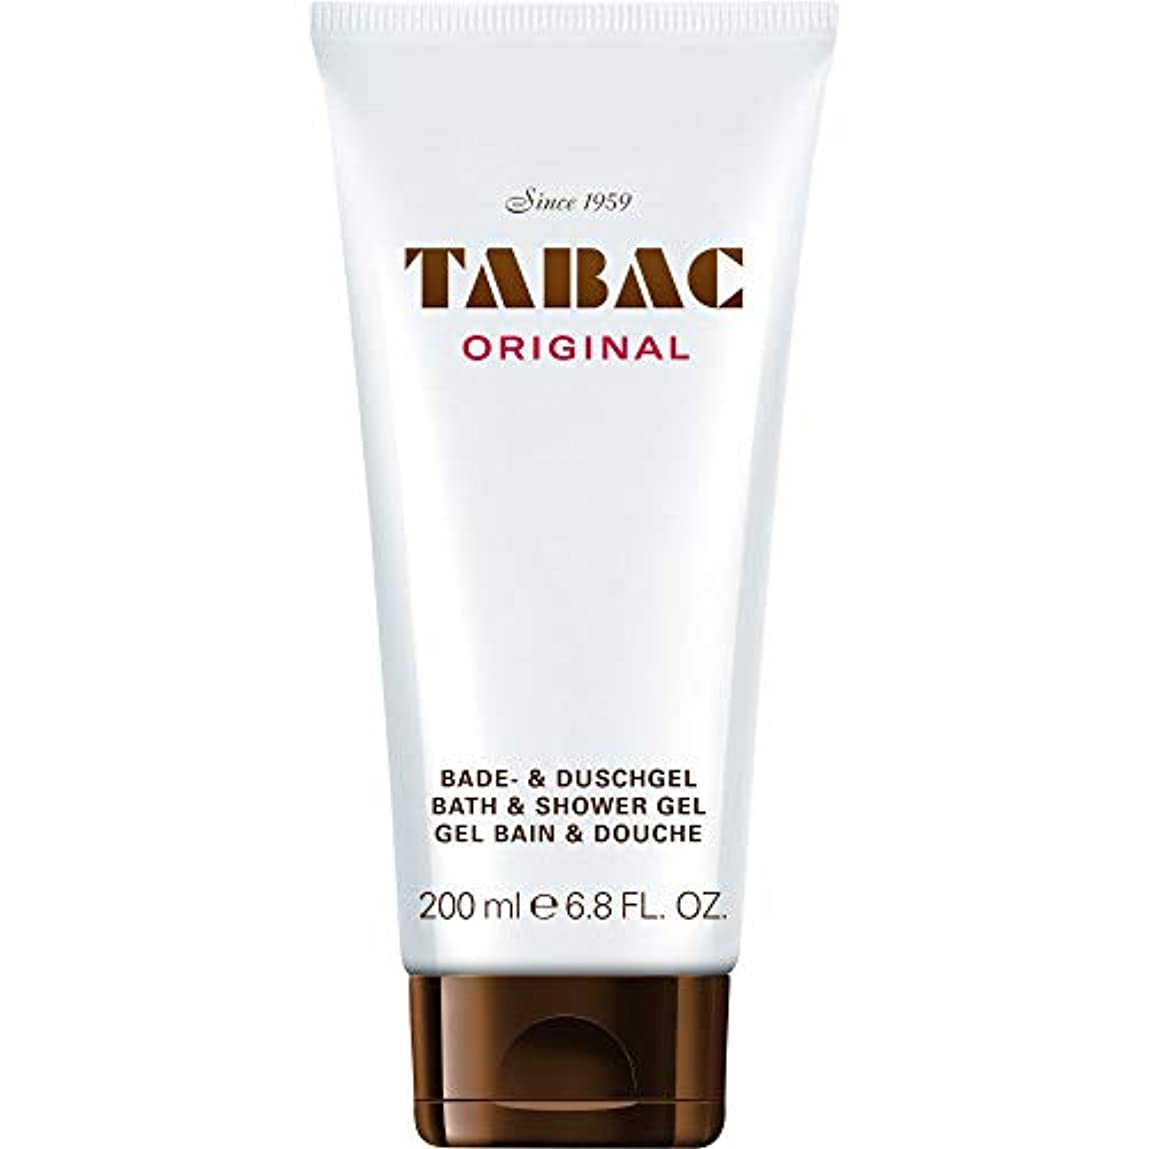 アクションホバートなかなか[TABAC] Tabacオリジナルバス&シャワージェル200Ml - TABAC Original Bath & Shower Gel 200ml [並行輸入品]